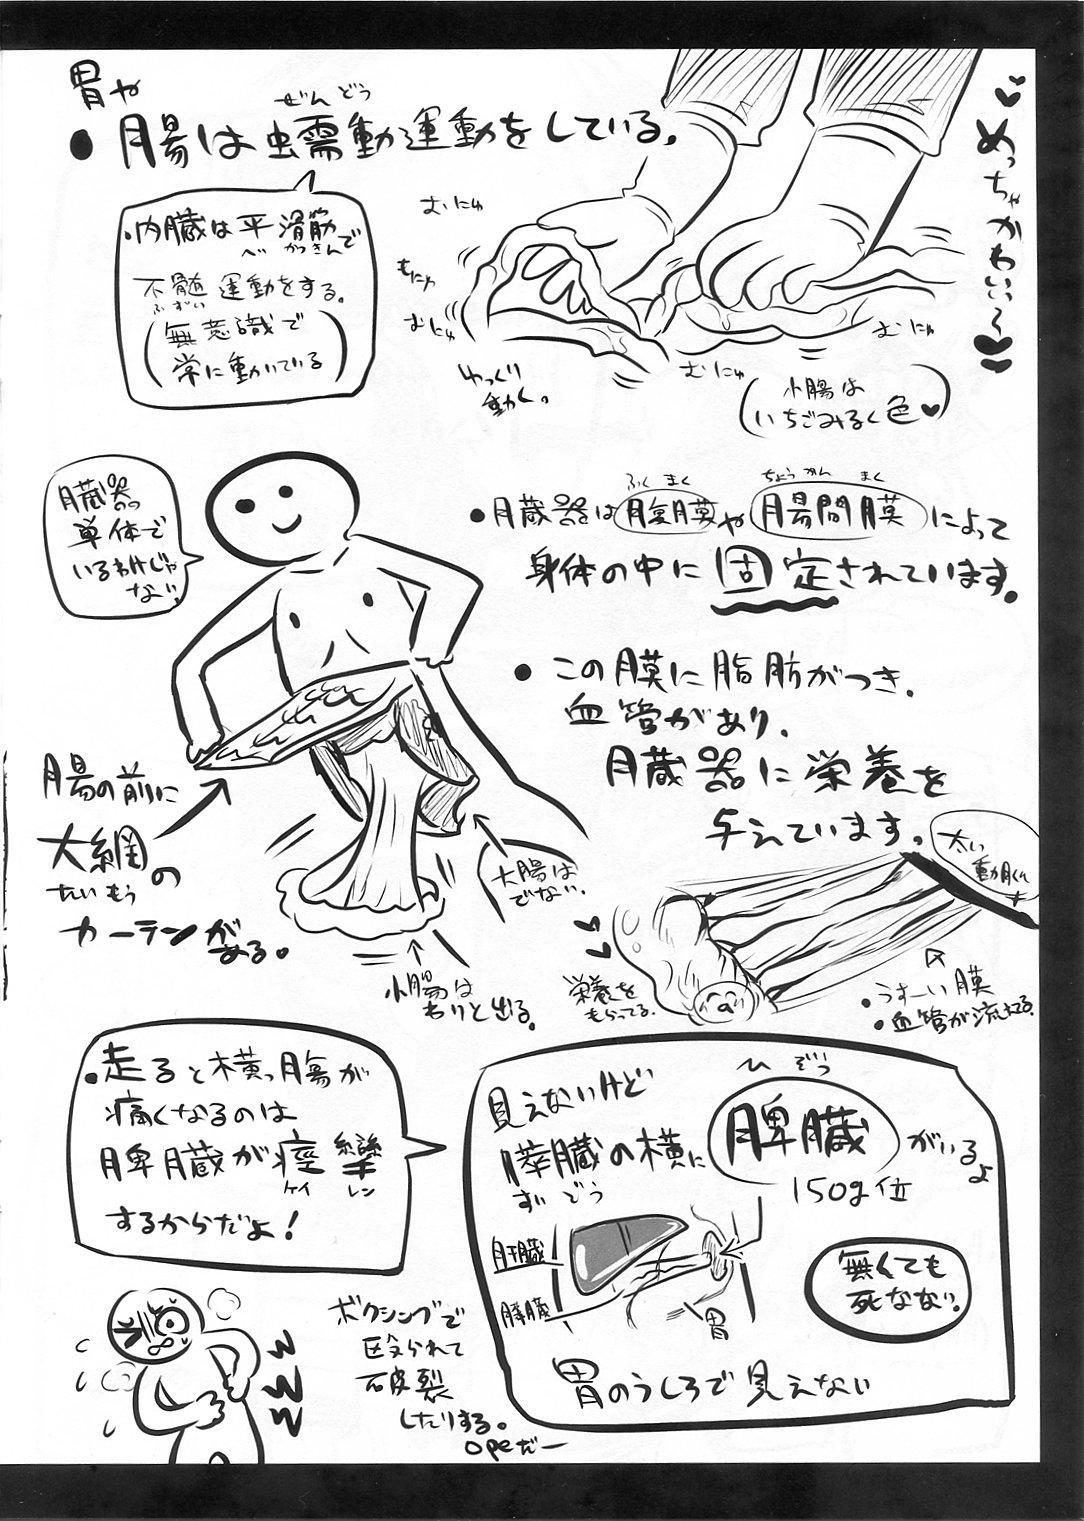 Ryonara no Tame no Kaibou Seiri 11